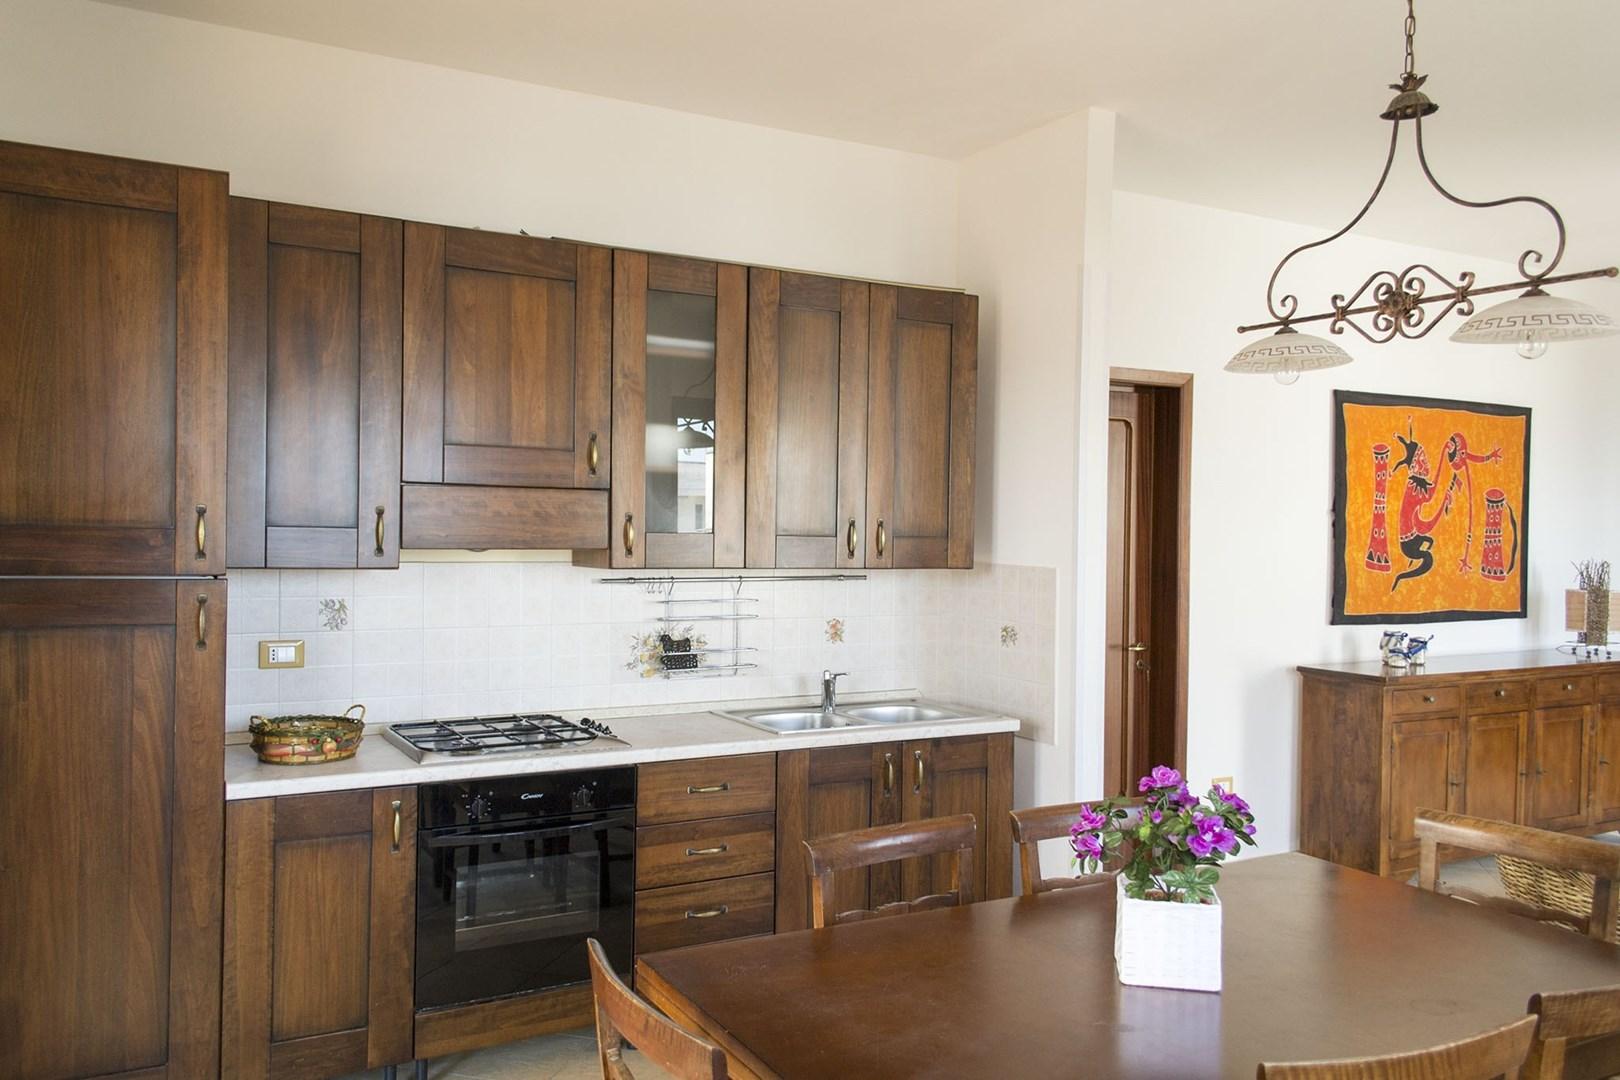 509_appartamento-lecce_4._cucina_2.jpg